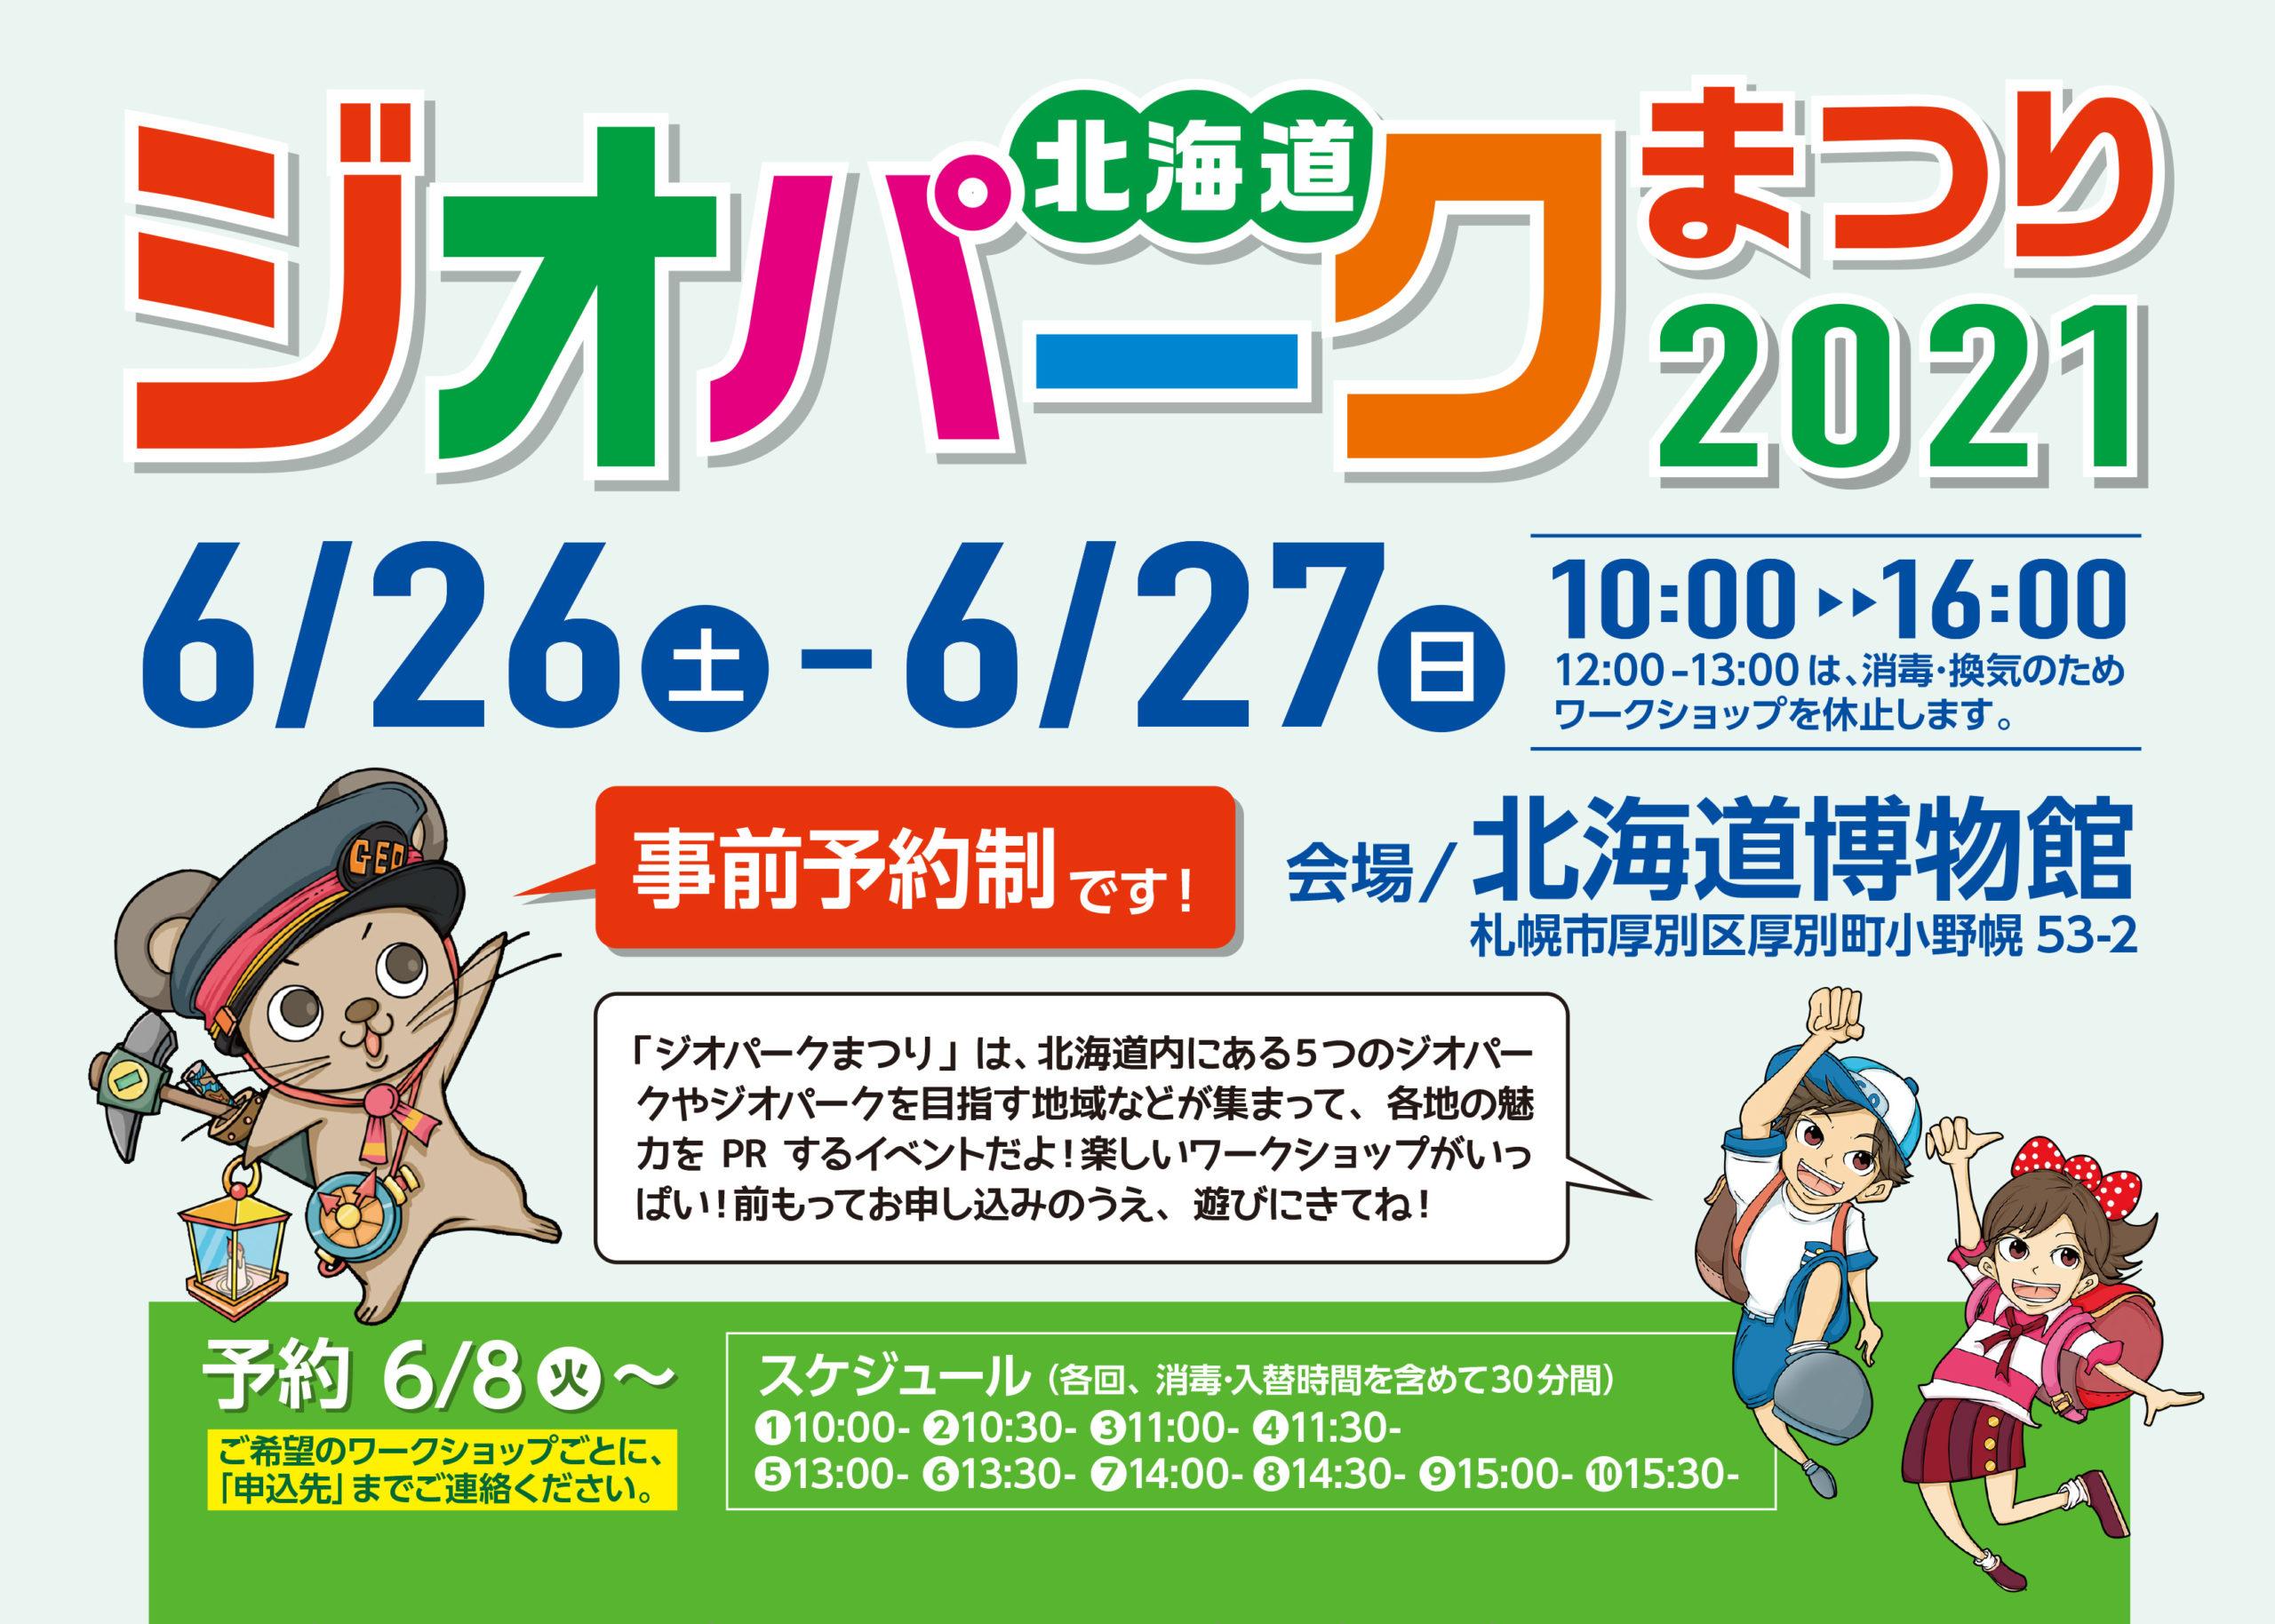 ≪中止≫<br>特別イベント<br>北海道ジオパークまつり2021